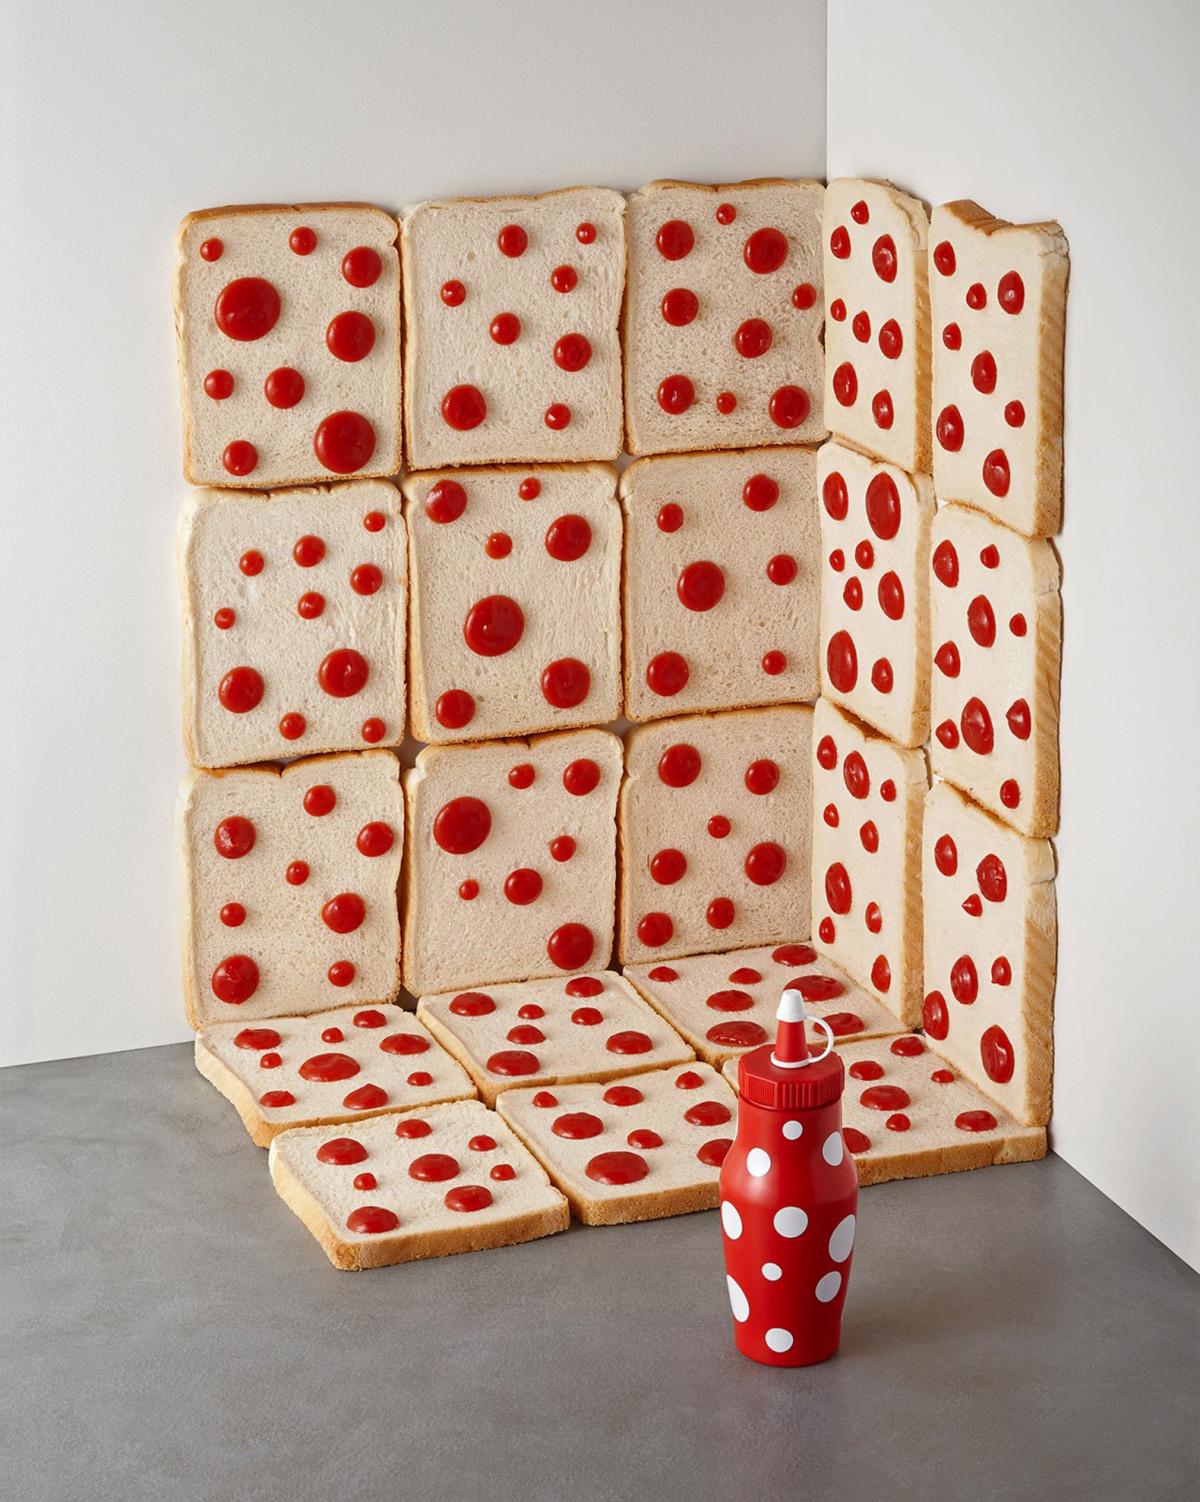 Yayoi Kusama's famous dots